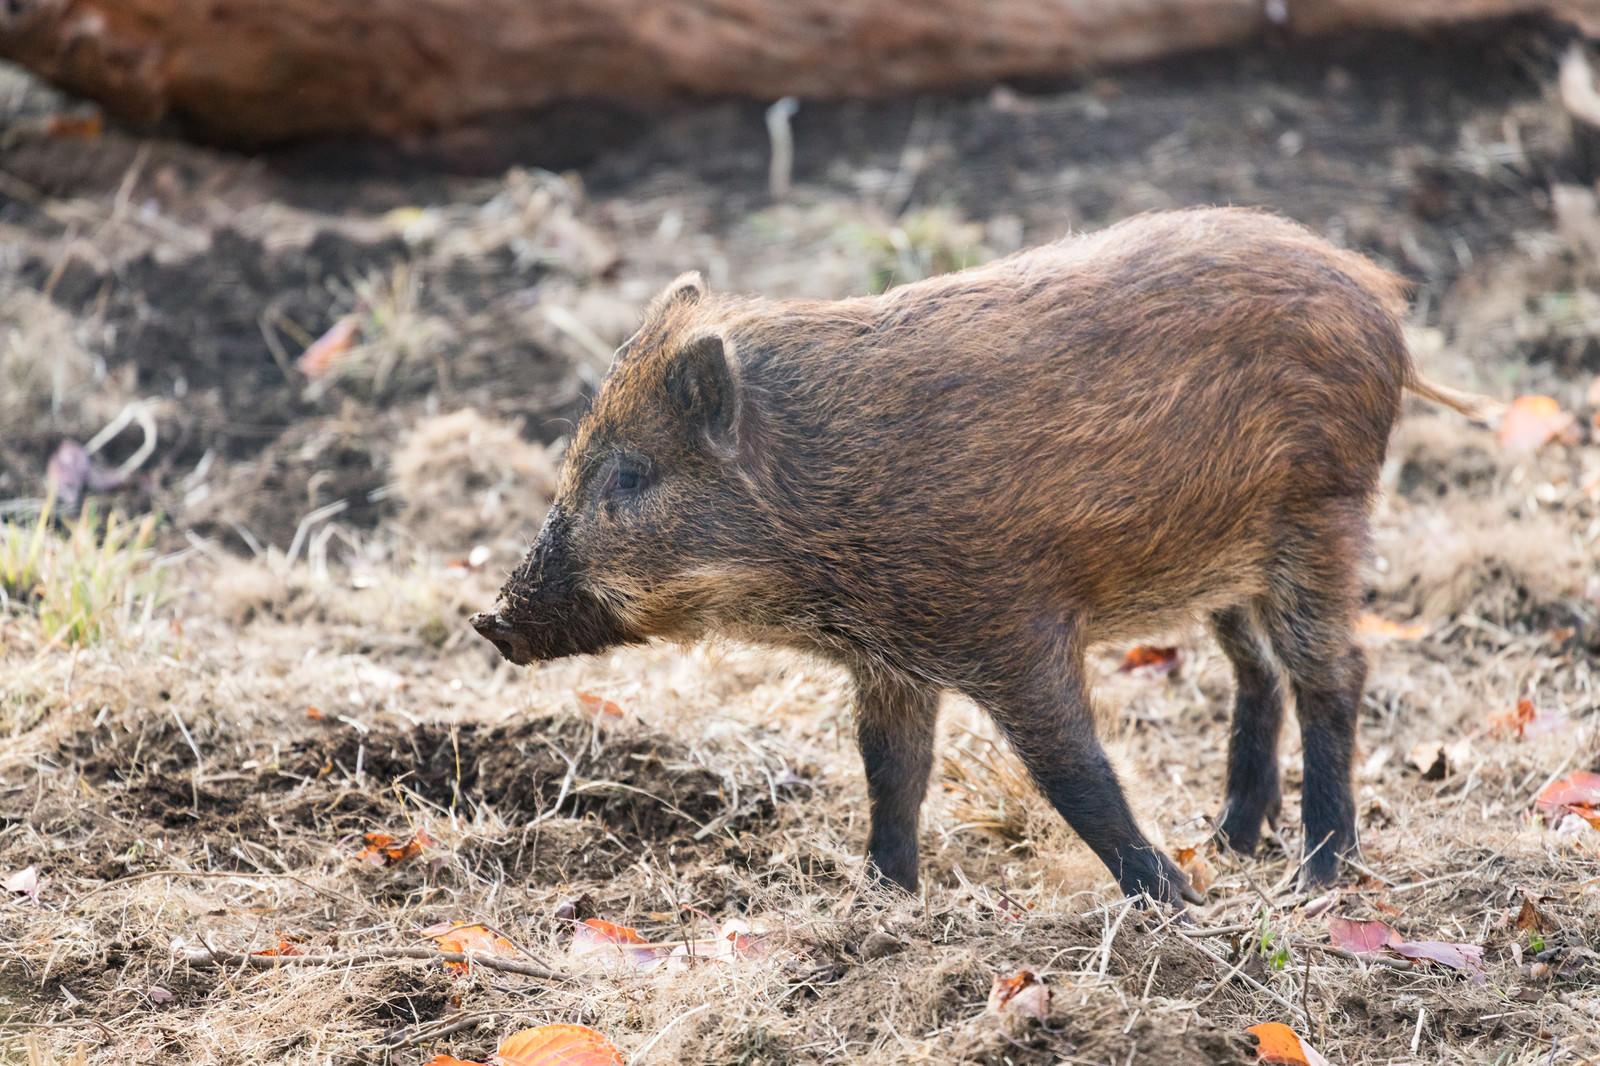 「穴掘りすぎて鼻が泥だらけの猪」